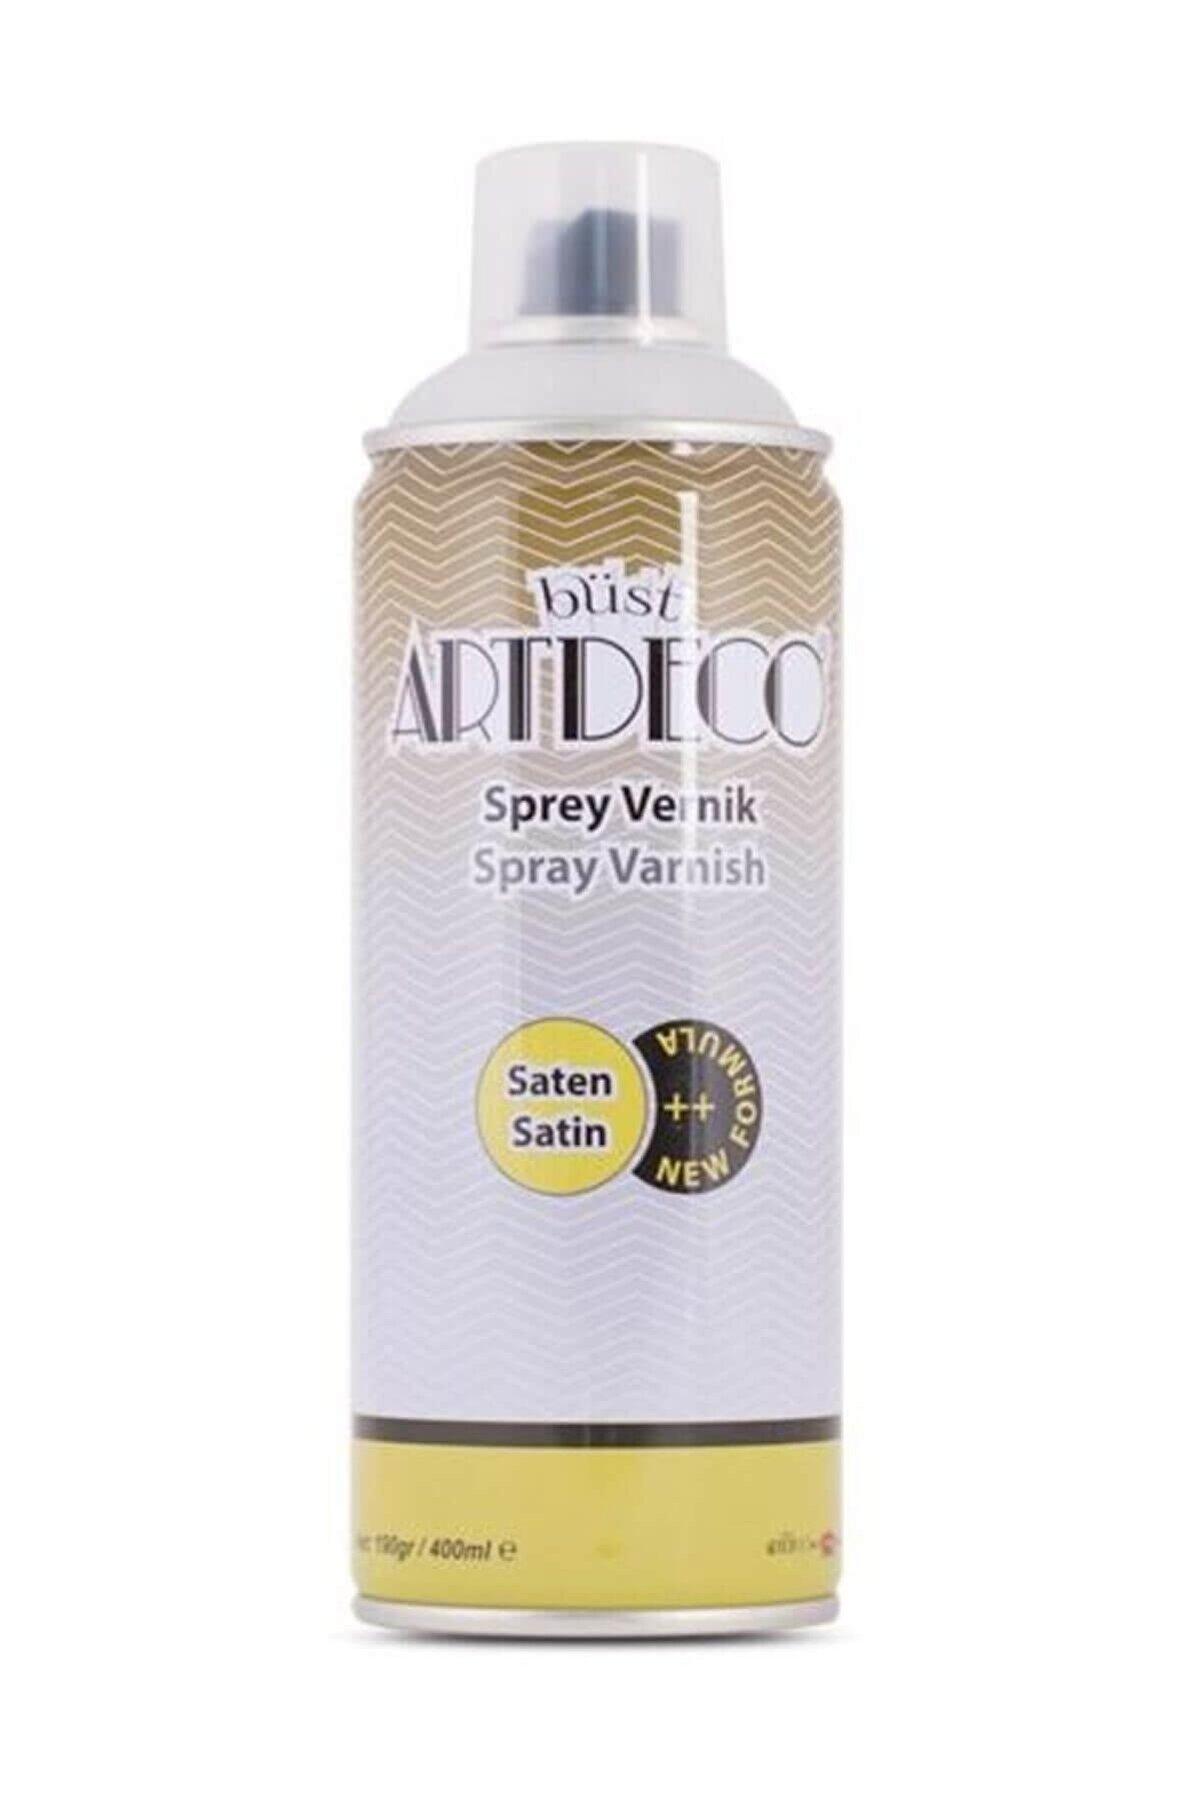 Artdeco Sprey Vernik 400 ml. SATEN (YARI MAT)